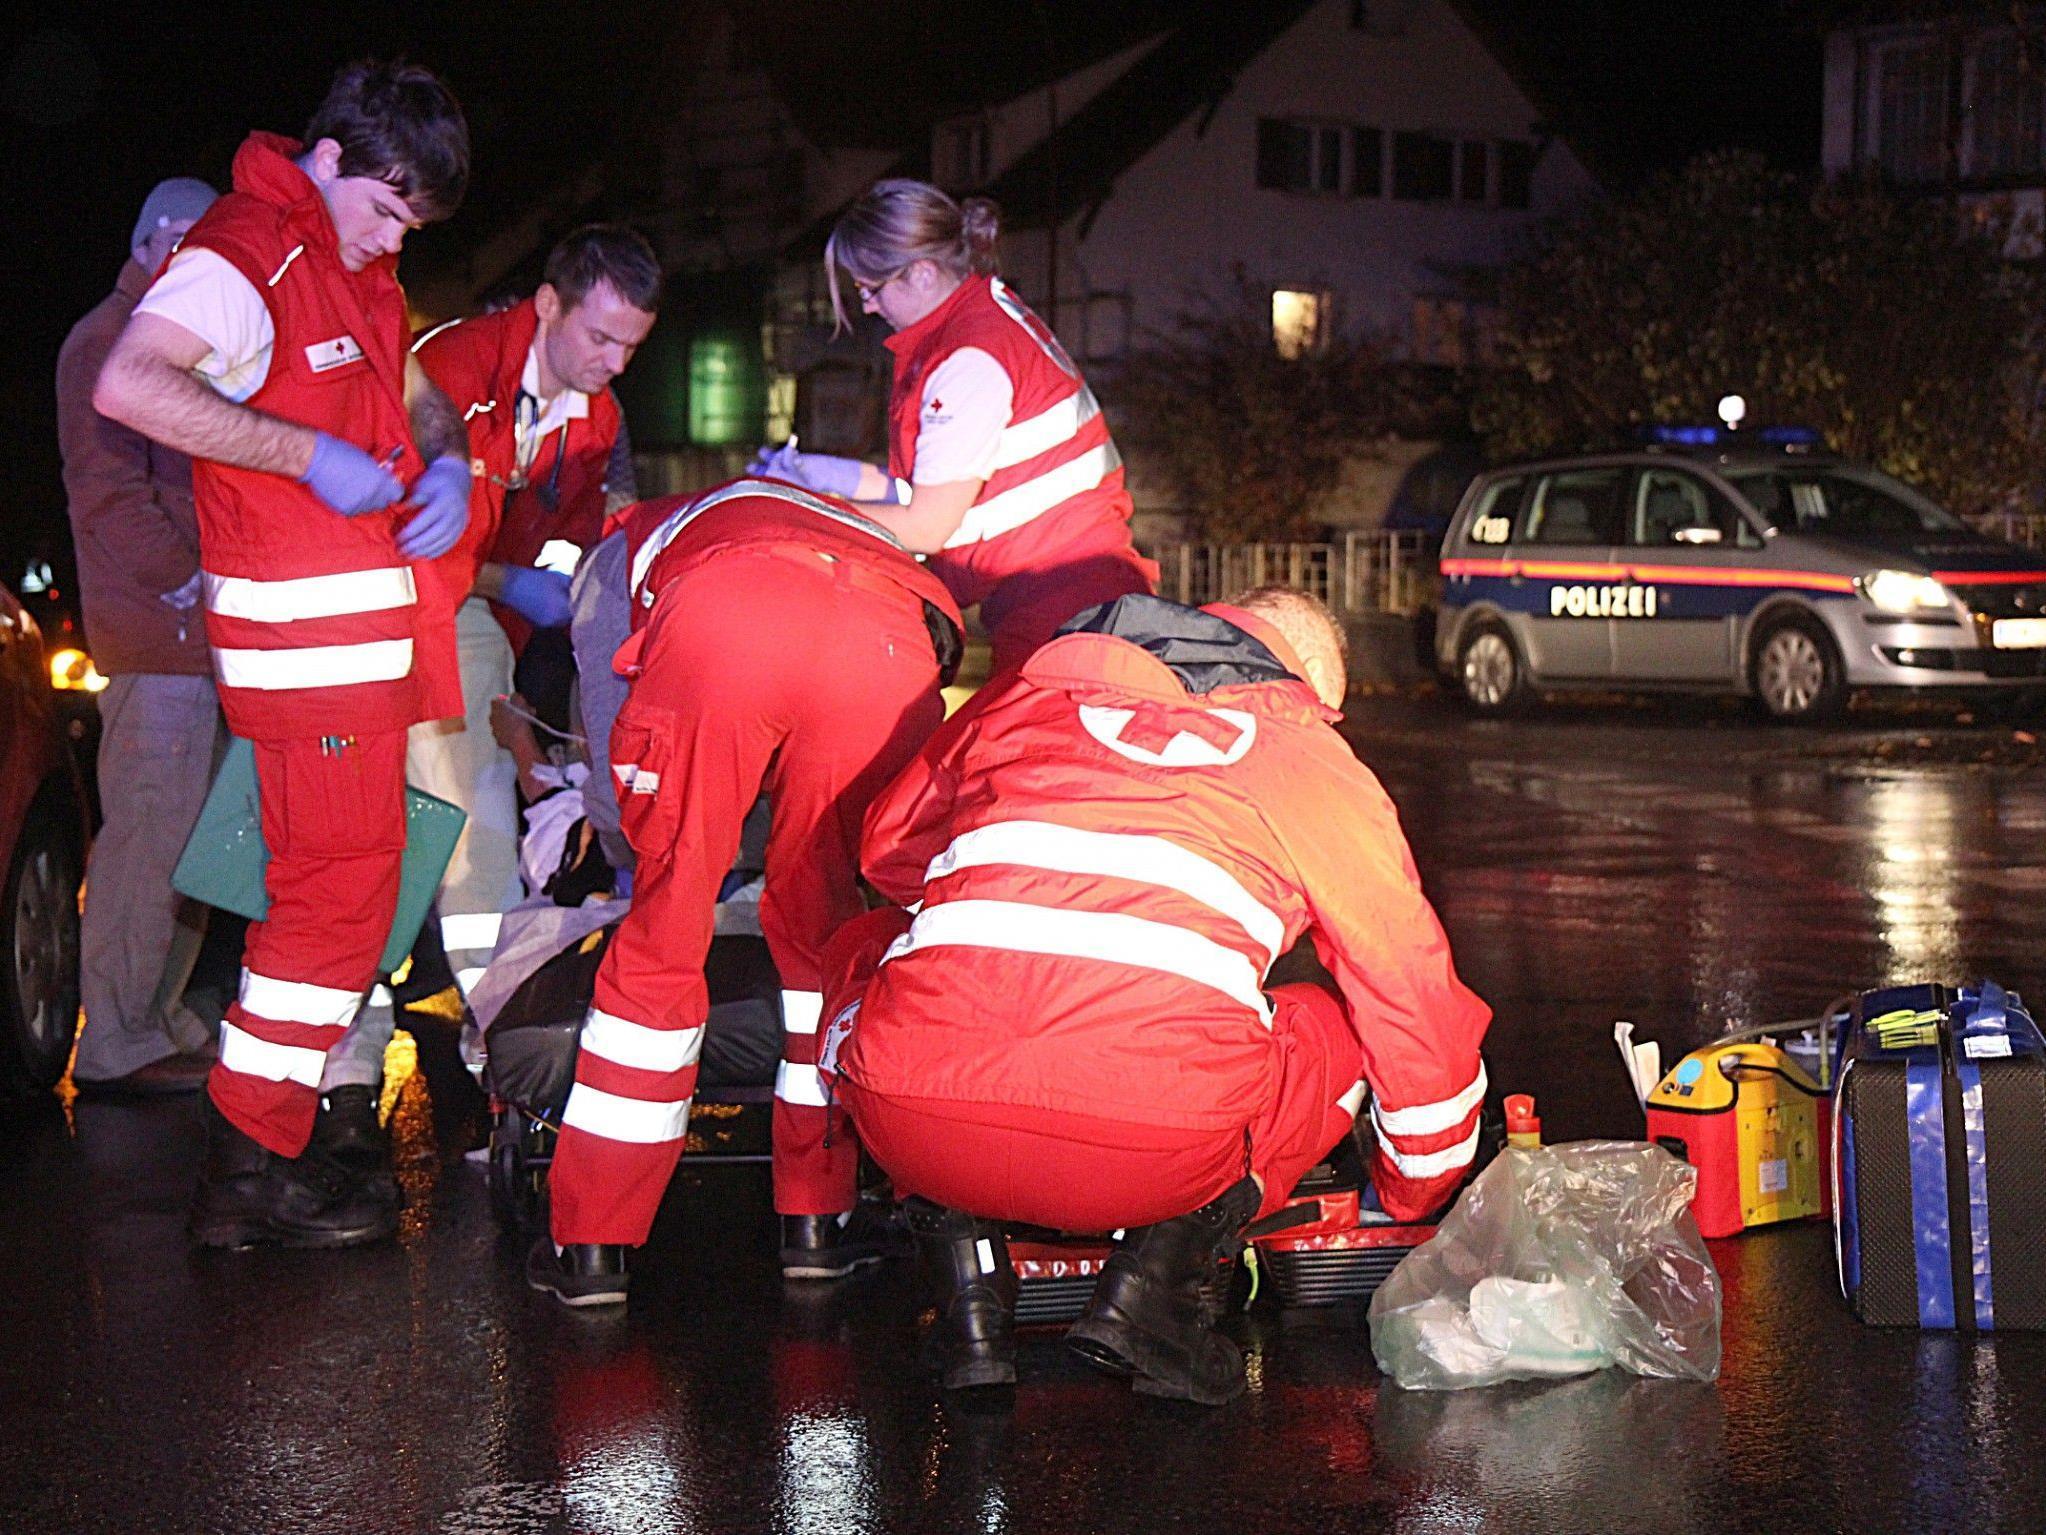 Rettungskräfte kümmern sich um die Verletzte.